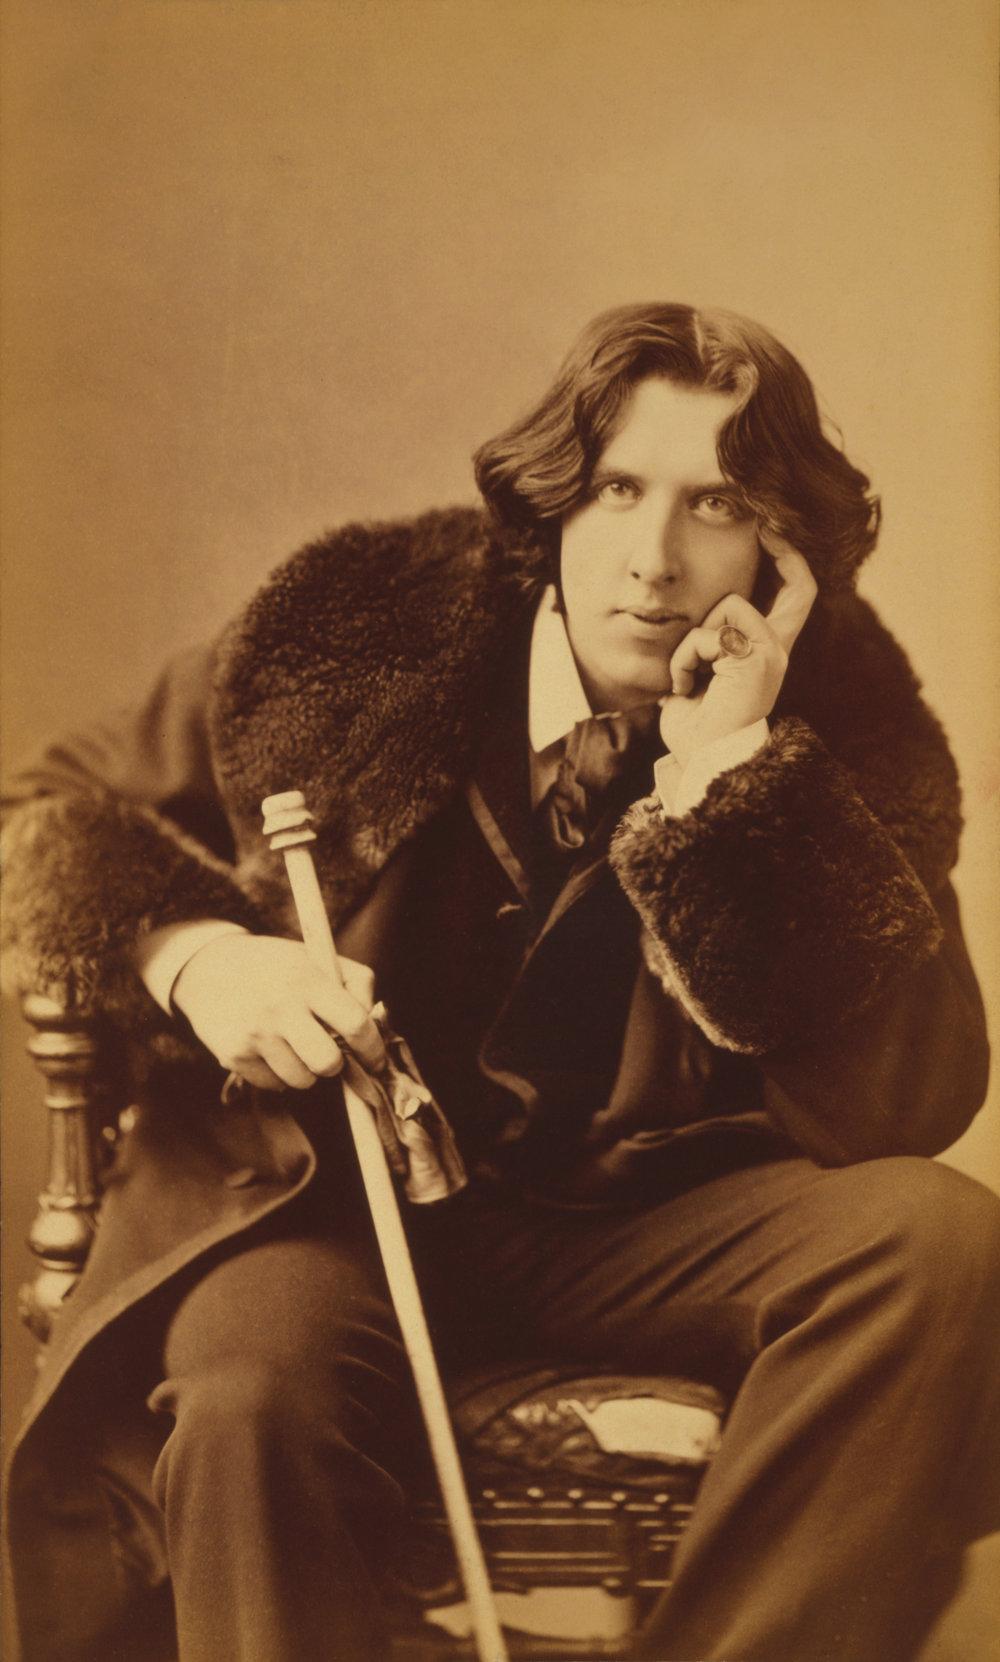 Oscar_Wilde_portrait_by_Napoleon_Sarony.jpg